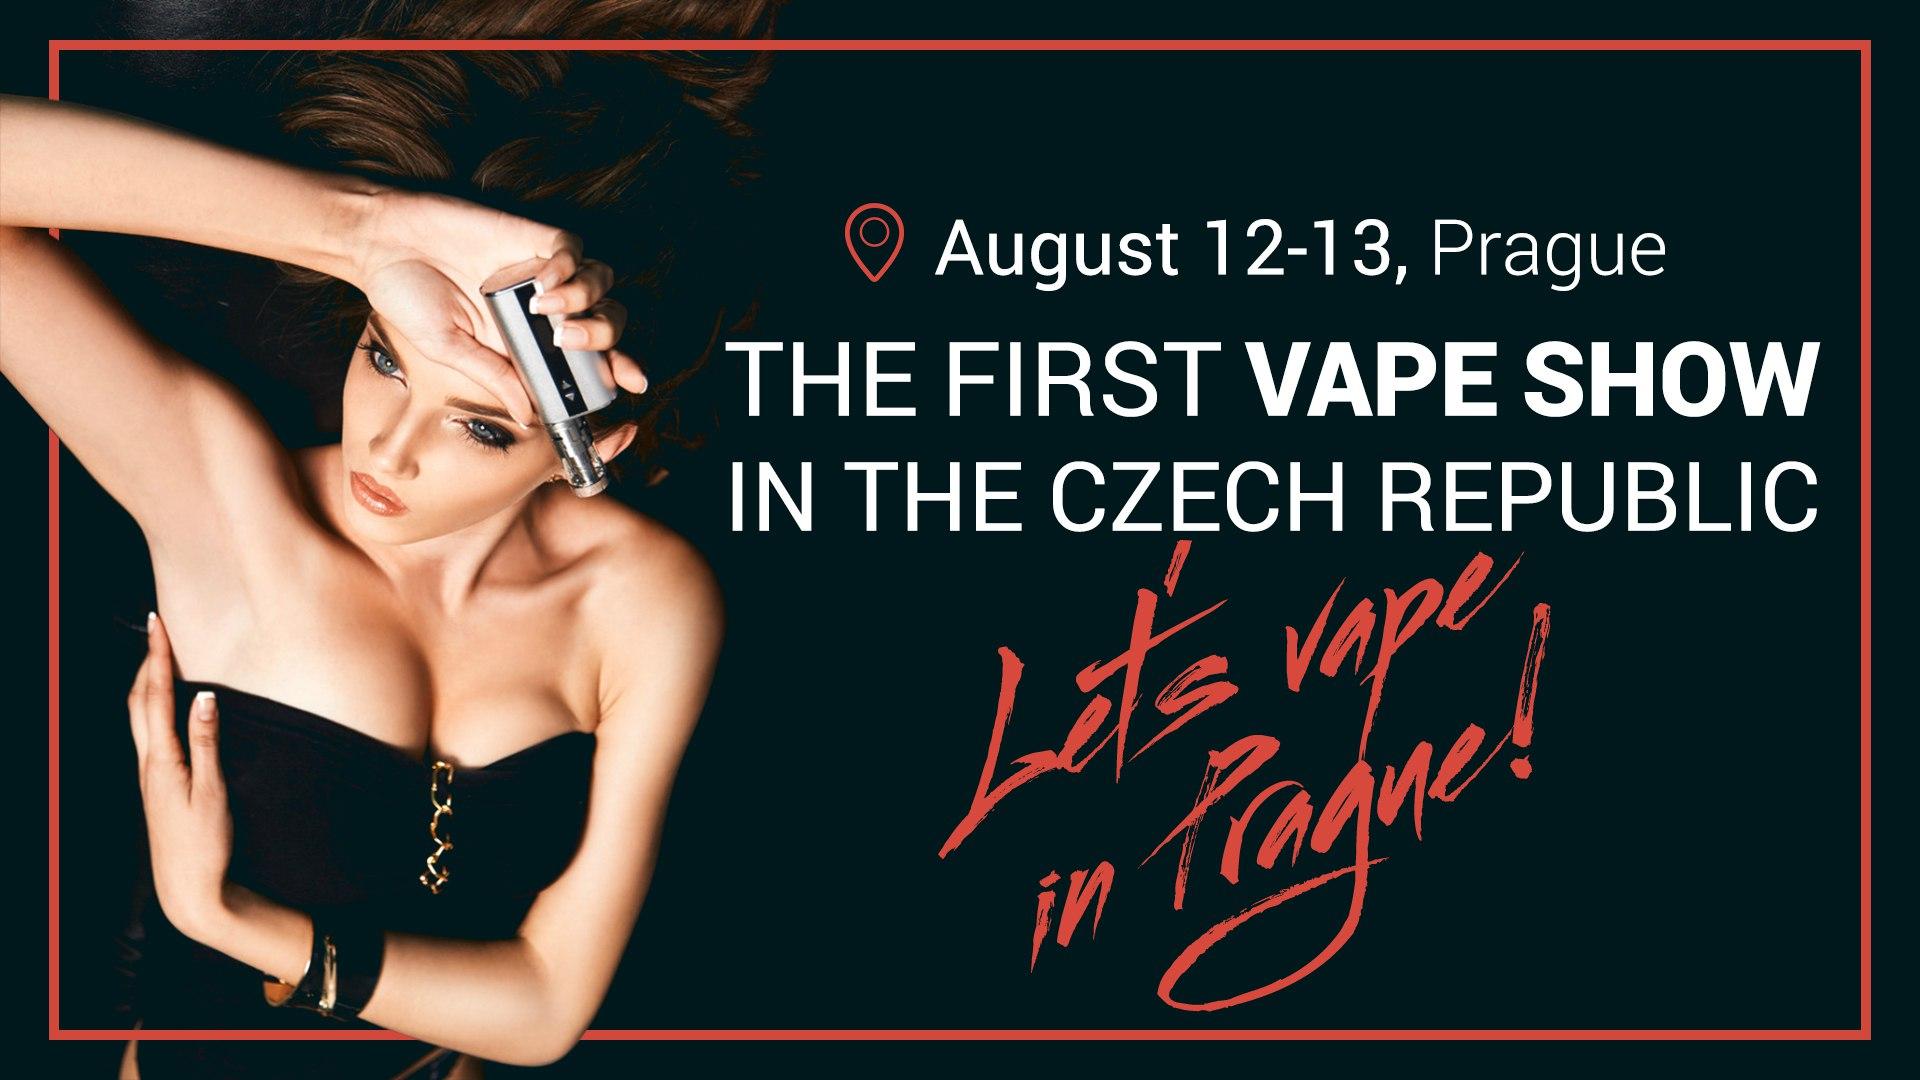 VAPESHOW Prague 2016